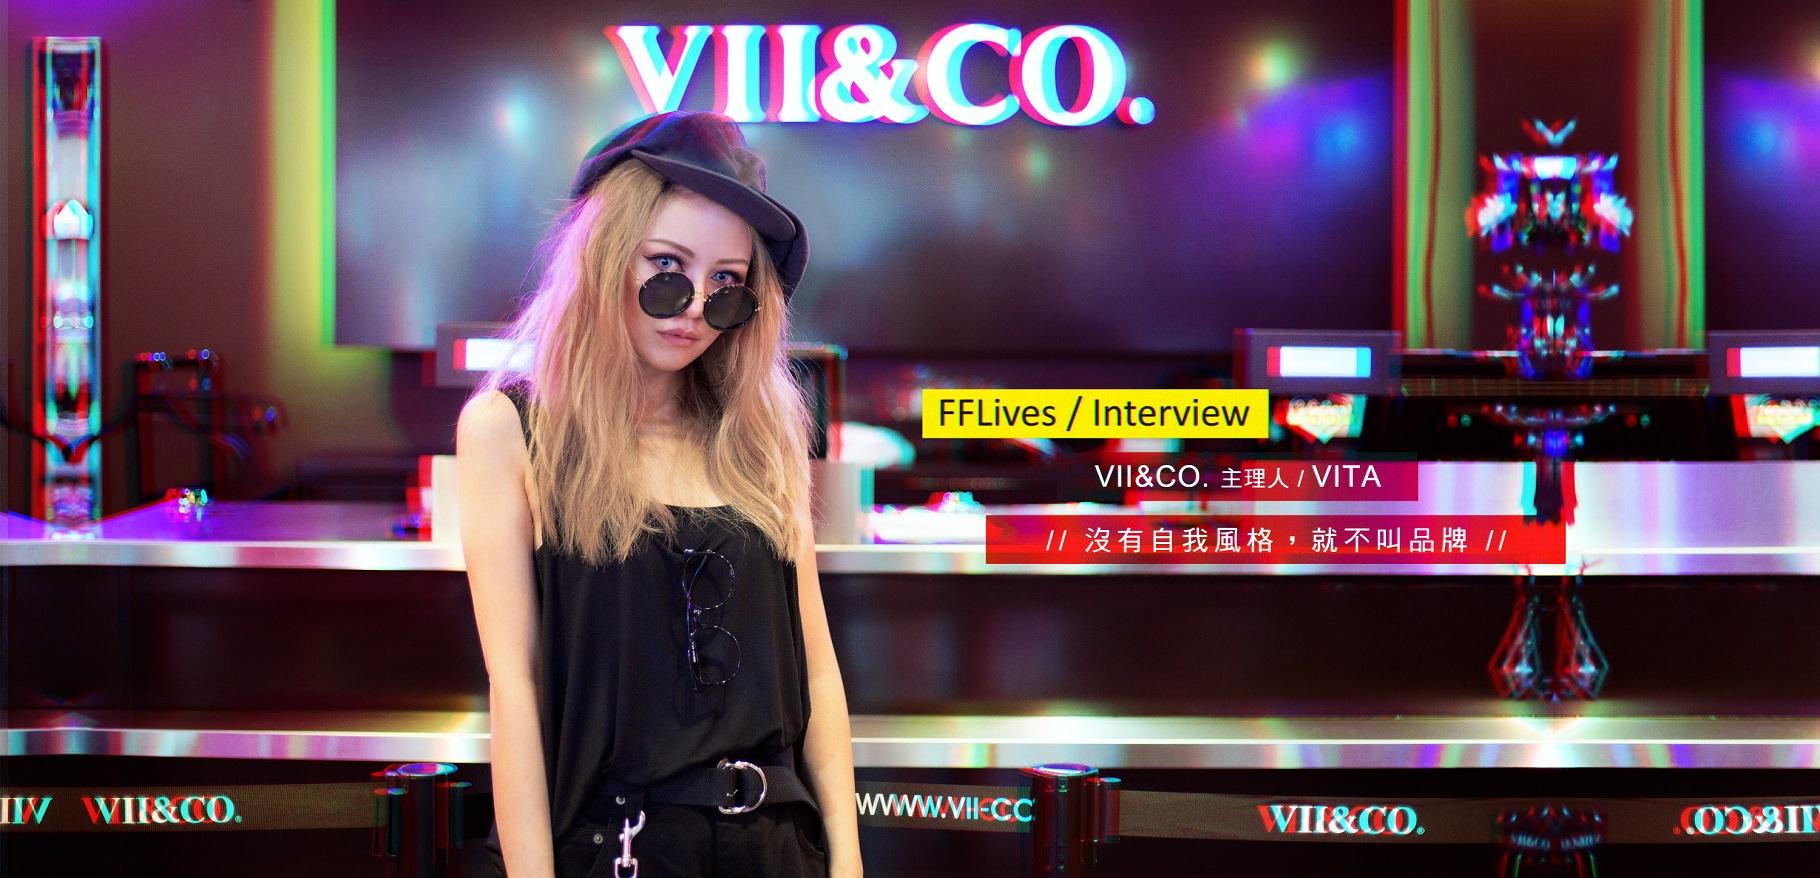 【人物專訪】VII&CO.主理人Vita:沒有自我風格,就不叫品牌